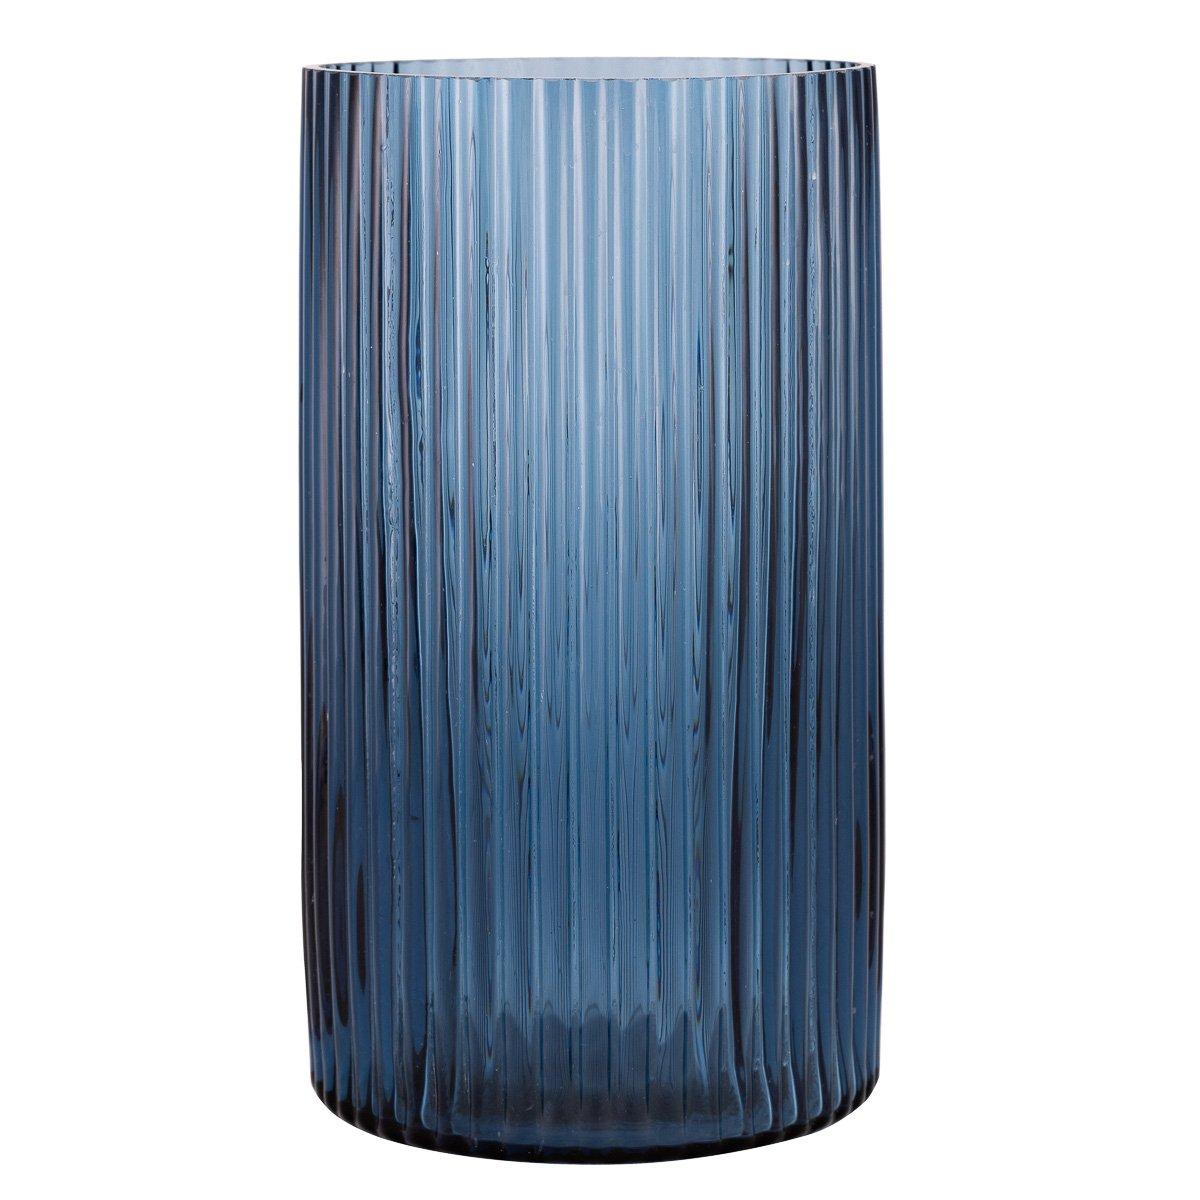 Vase/lykt Oda rille blå 25cm